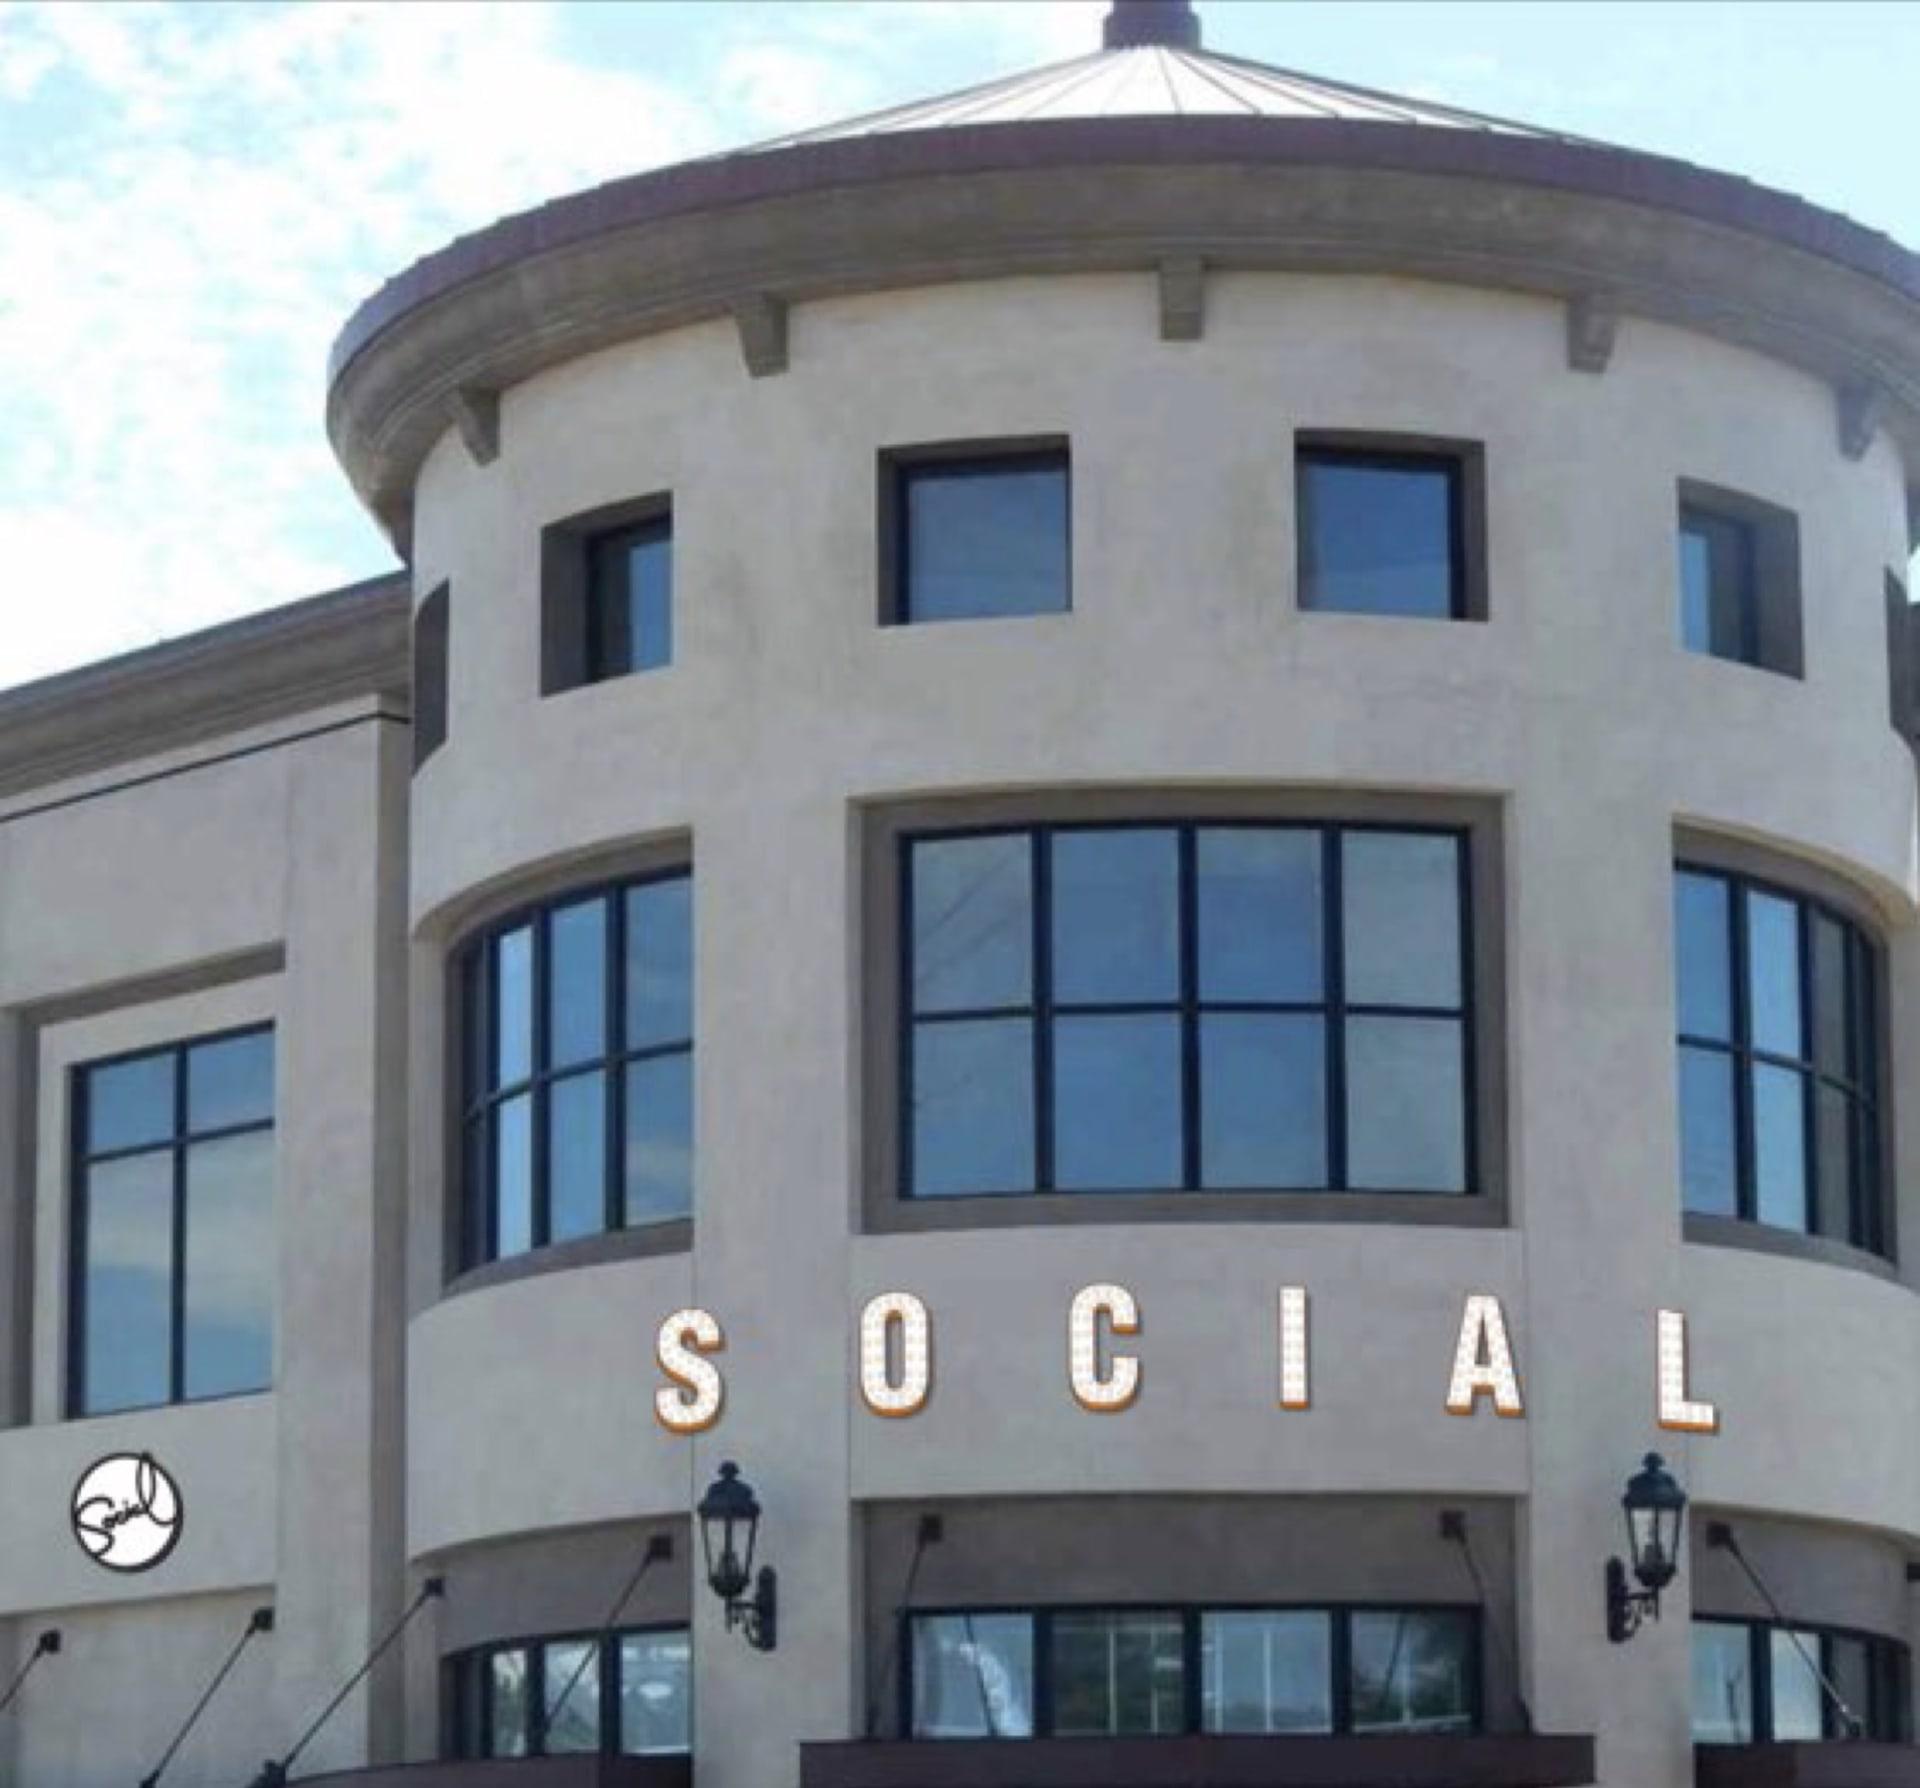 SOCIAL Huntington Beach